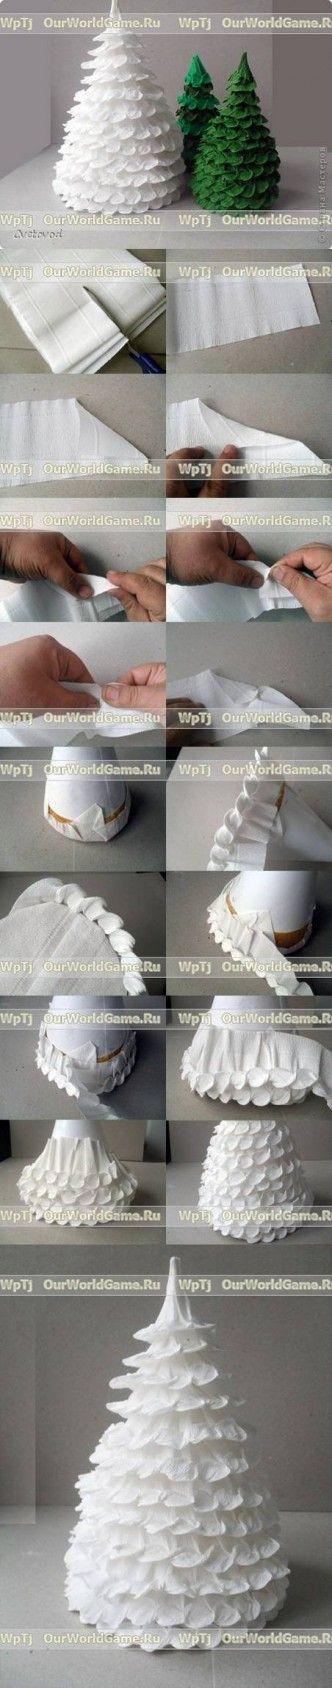 DIY de papel corrugado de Navidad Proyectos DIY